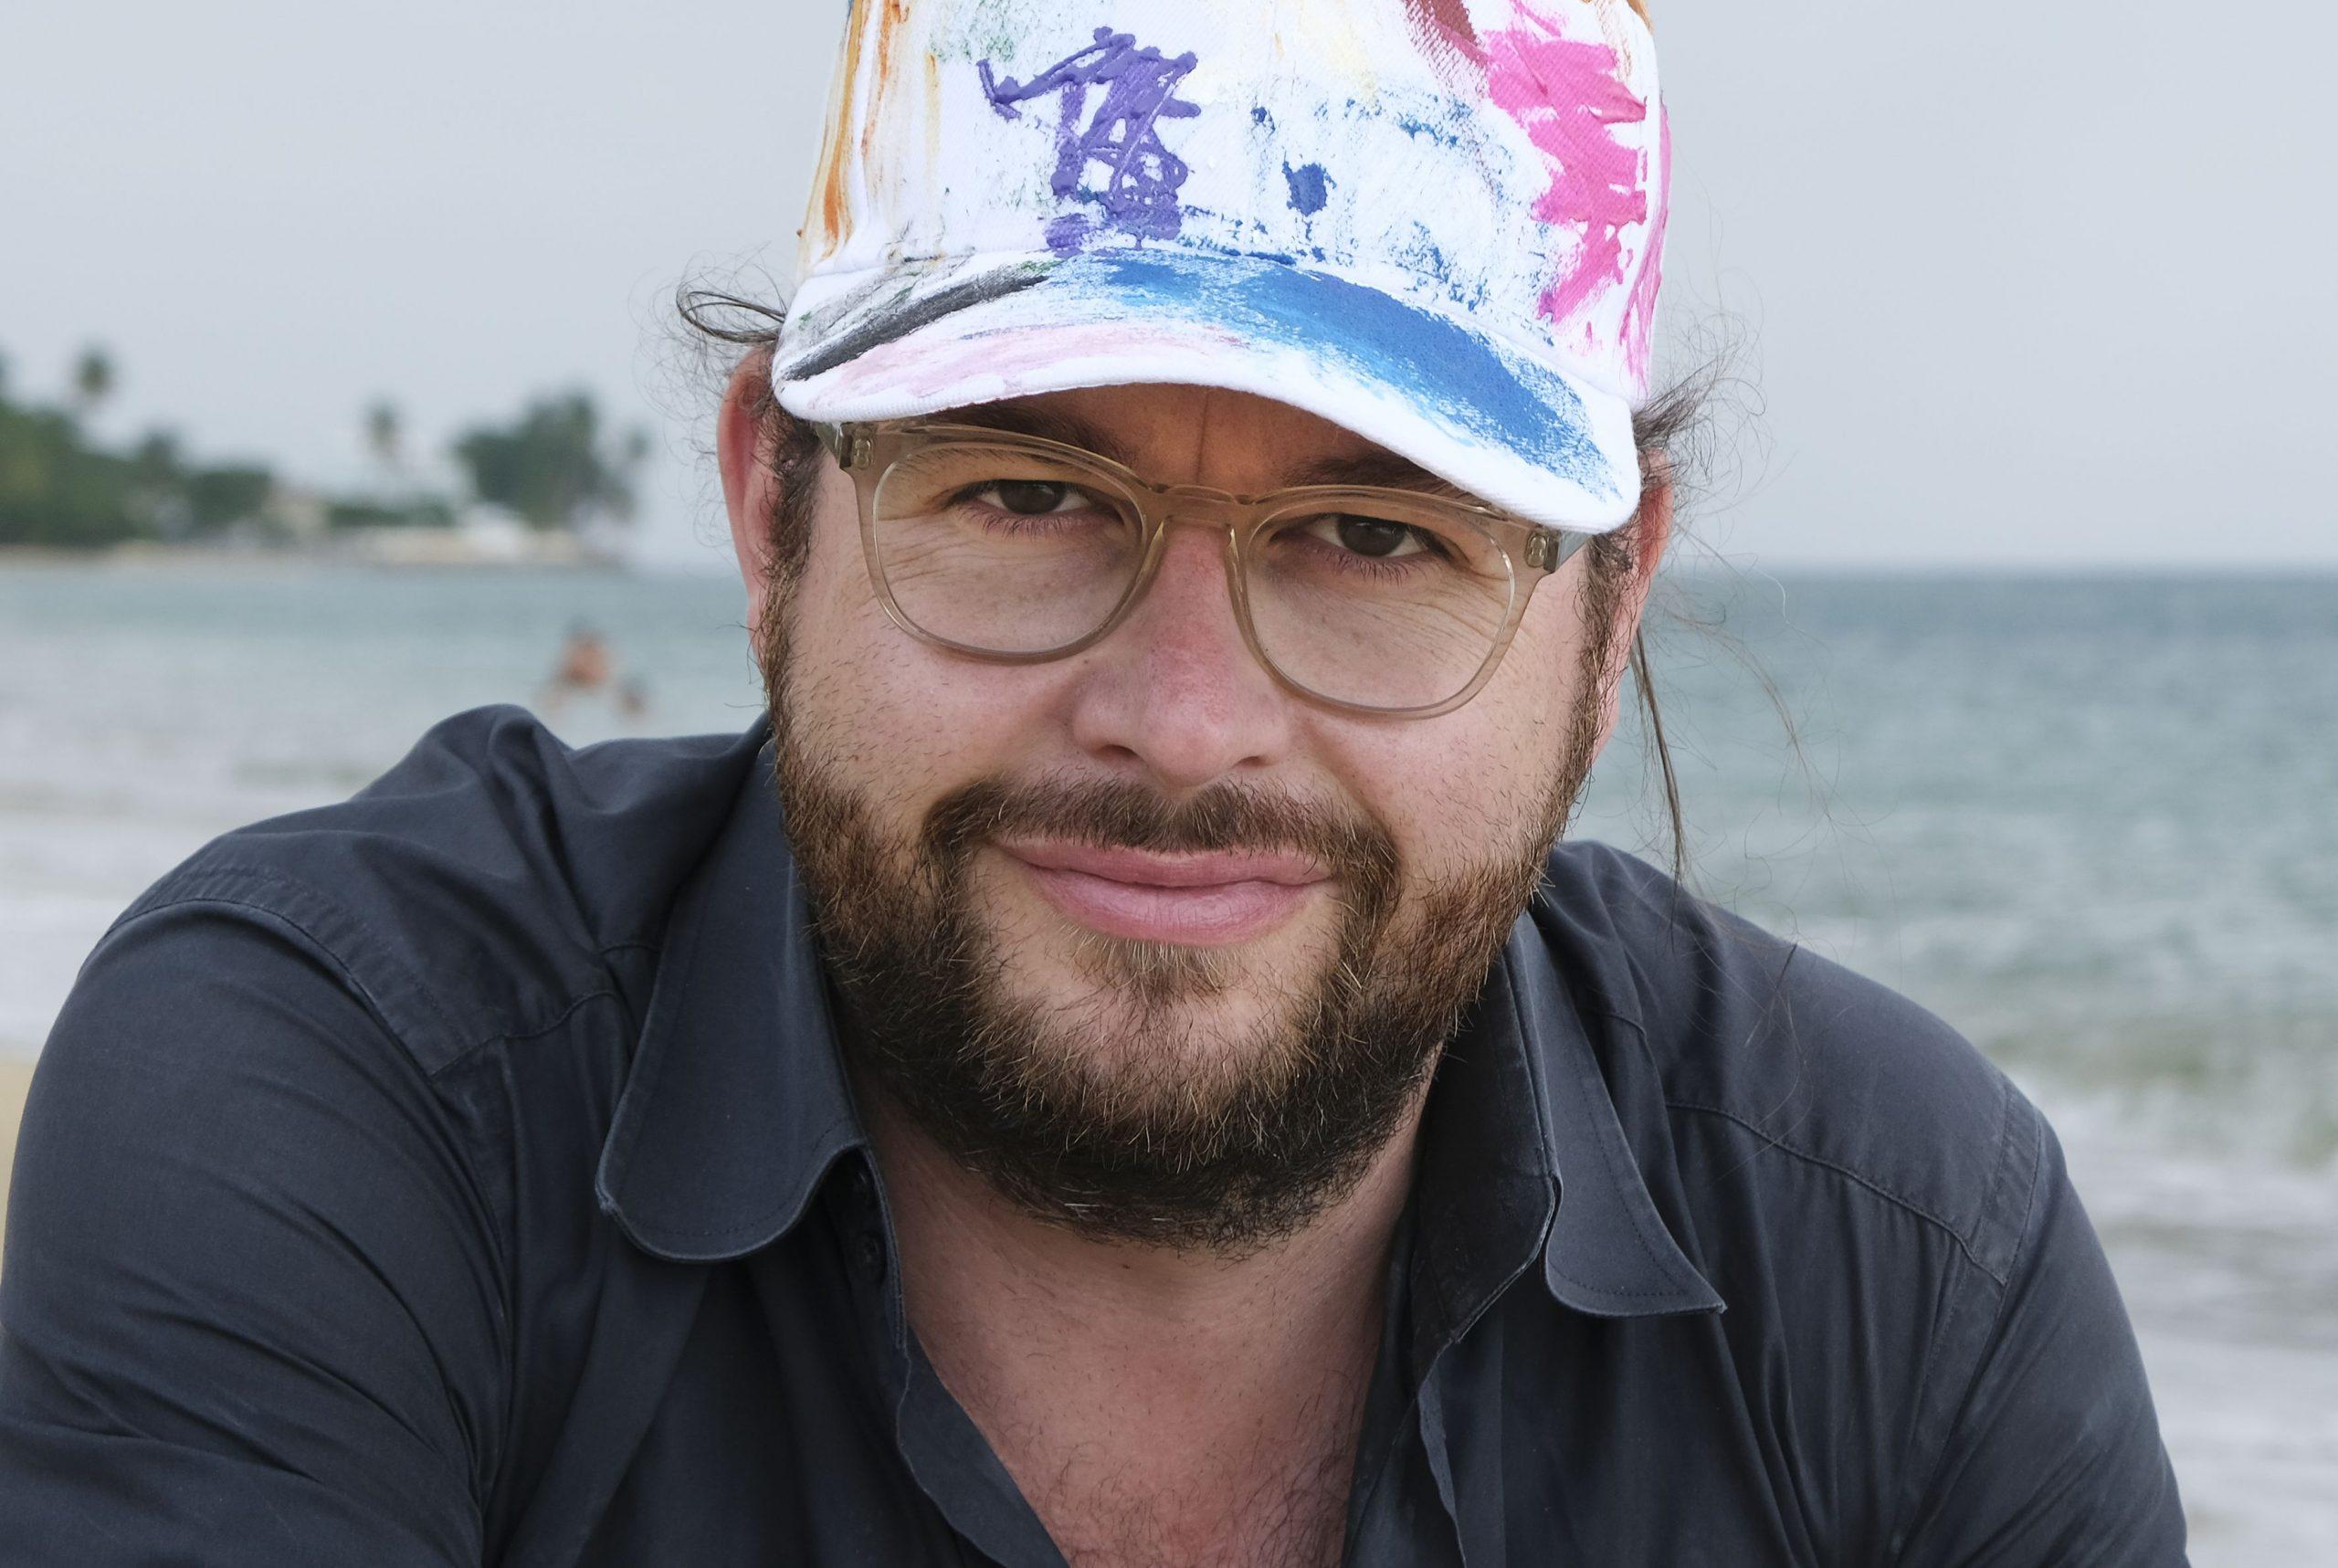 Jonas Burkhalter, Porträt